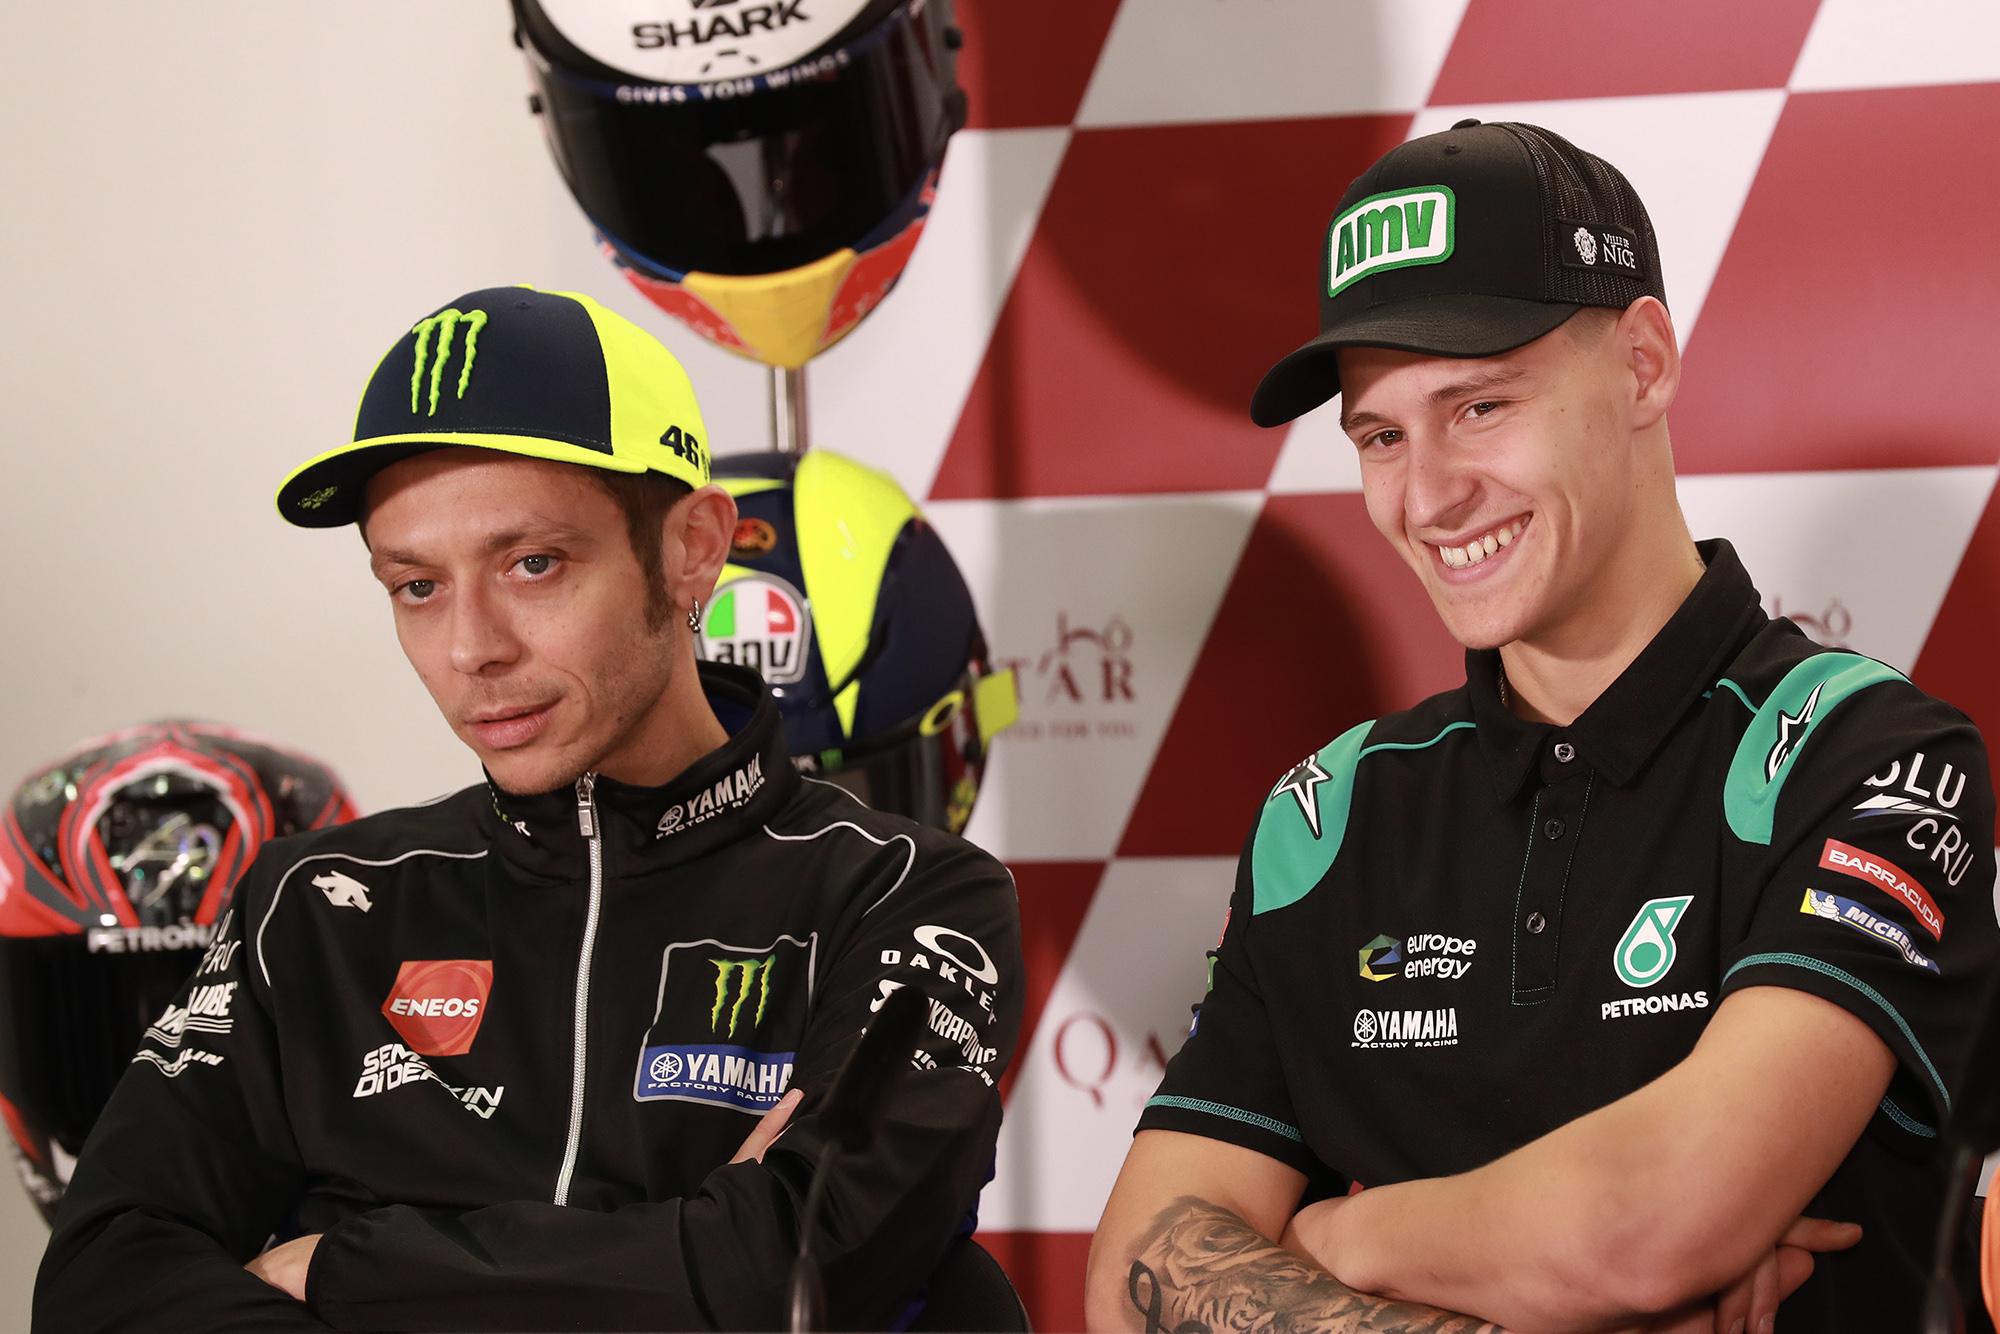 Valentino Rossi and Fabio Quartararo in a 2019 press conference